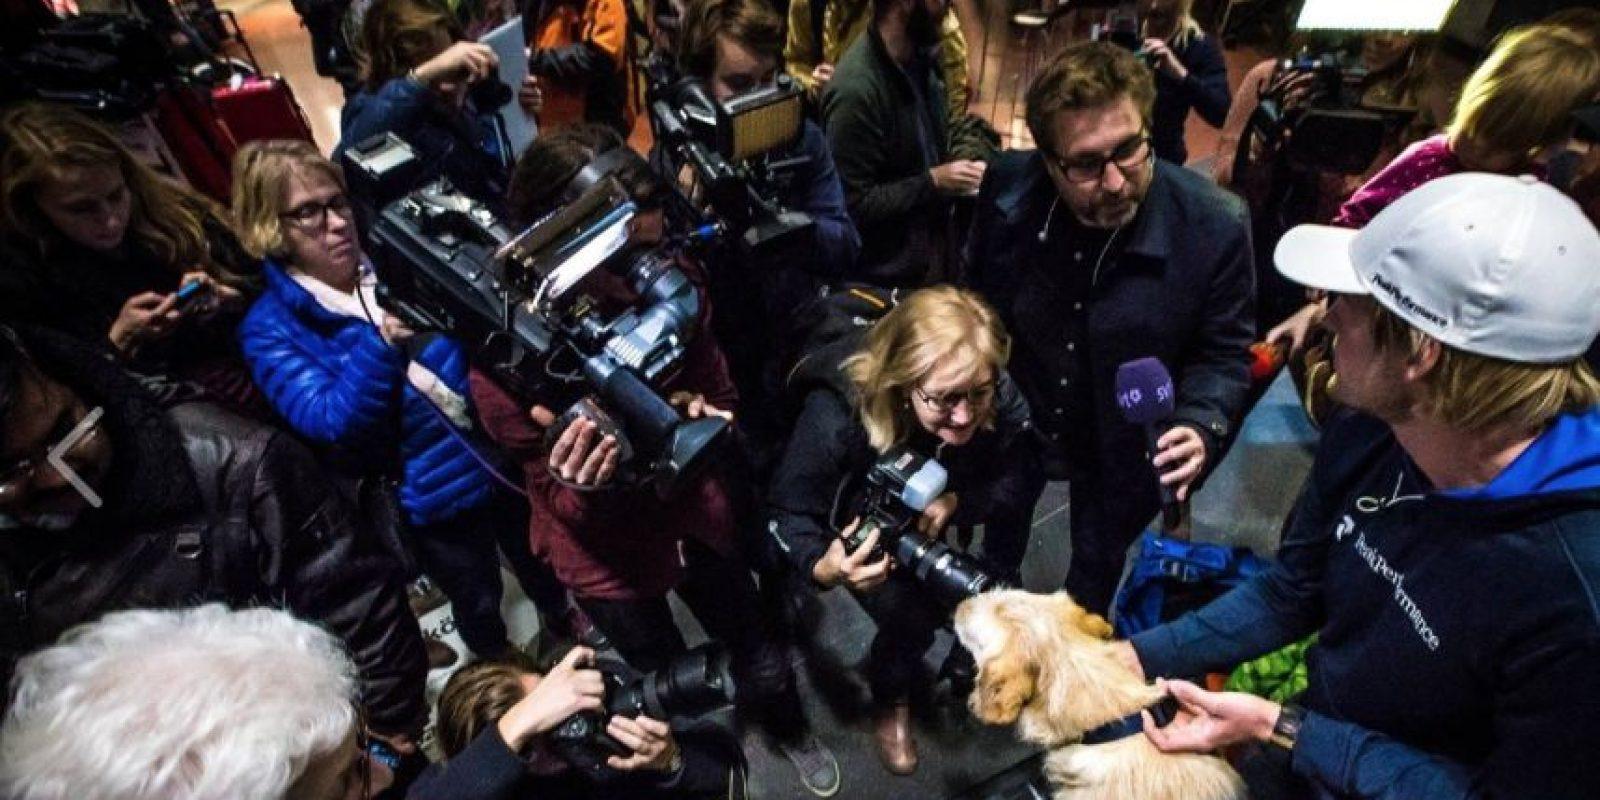 El perro los siguió a todos lados, sin importar qué pasara. Foto:Team Peak Performance/Facebook